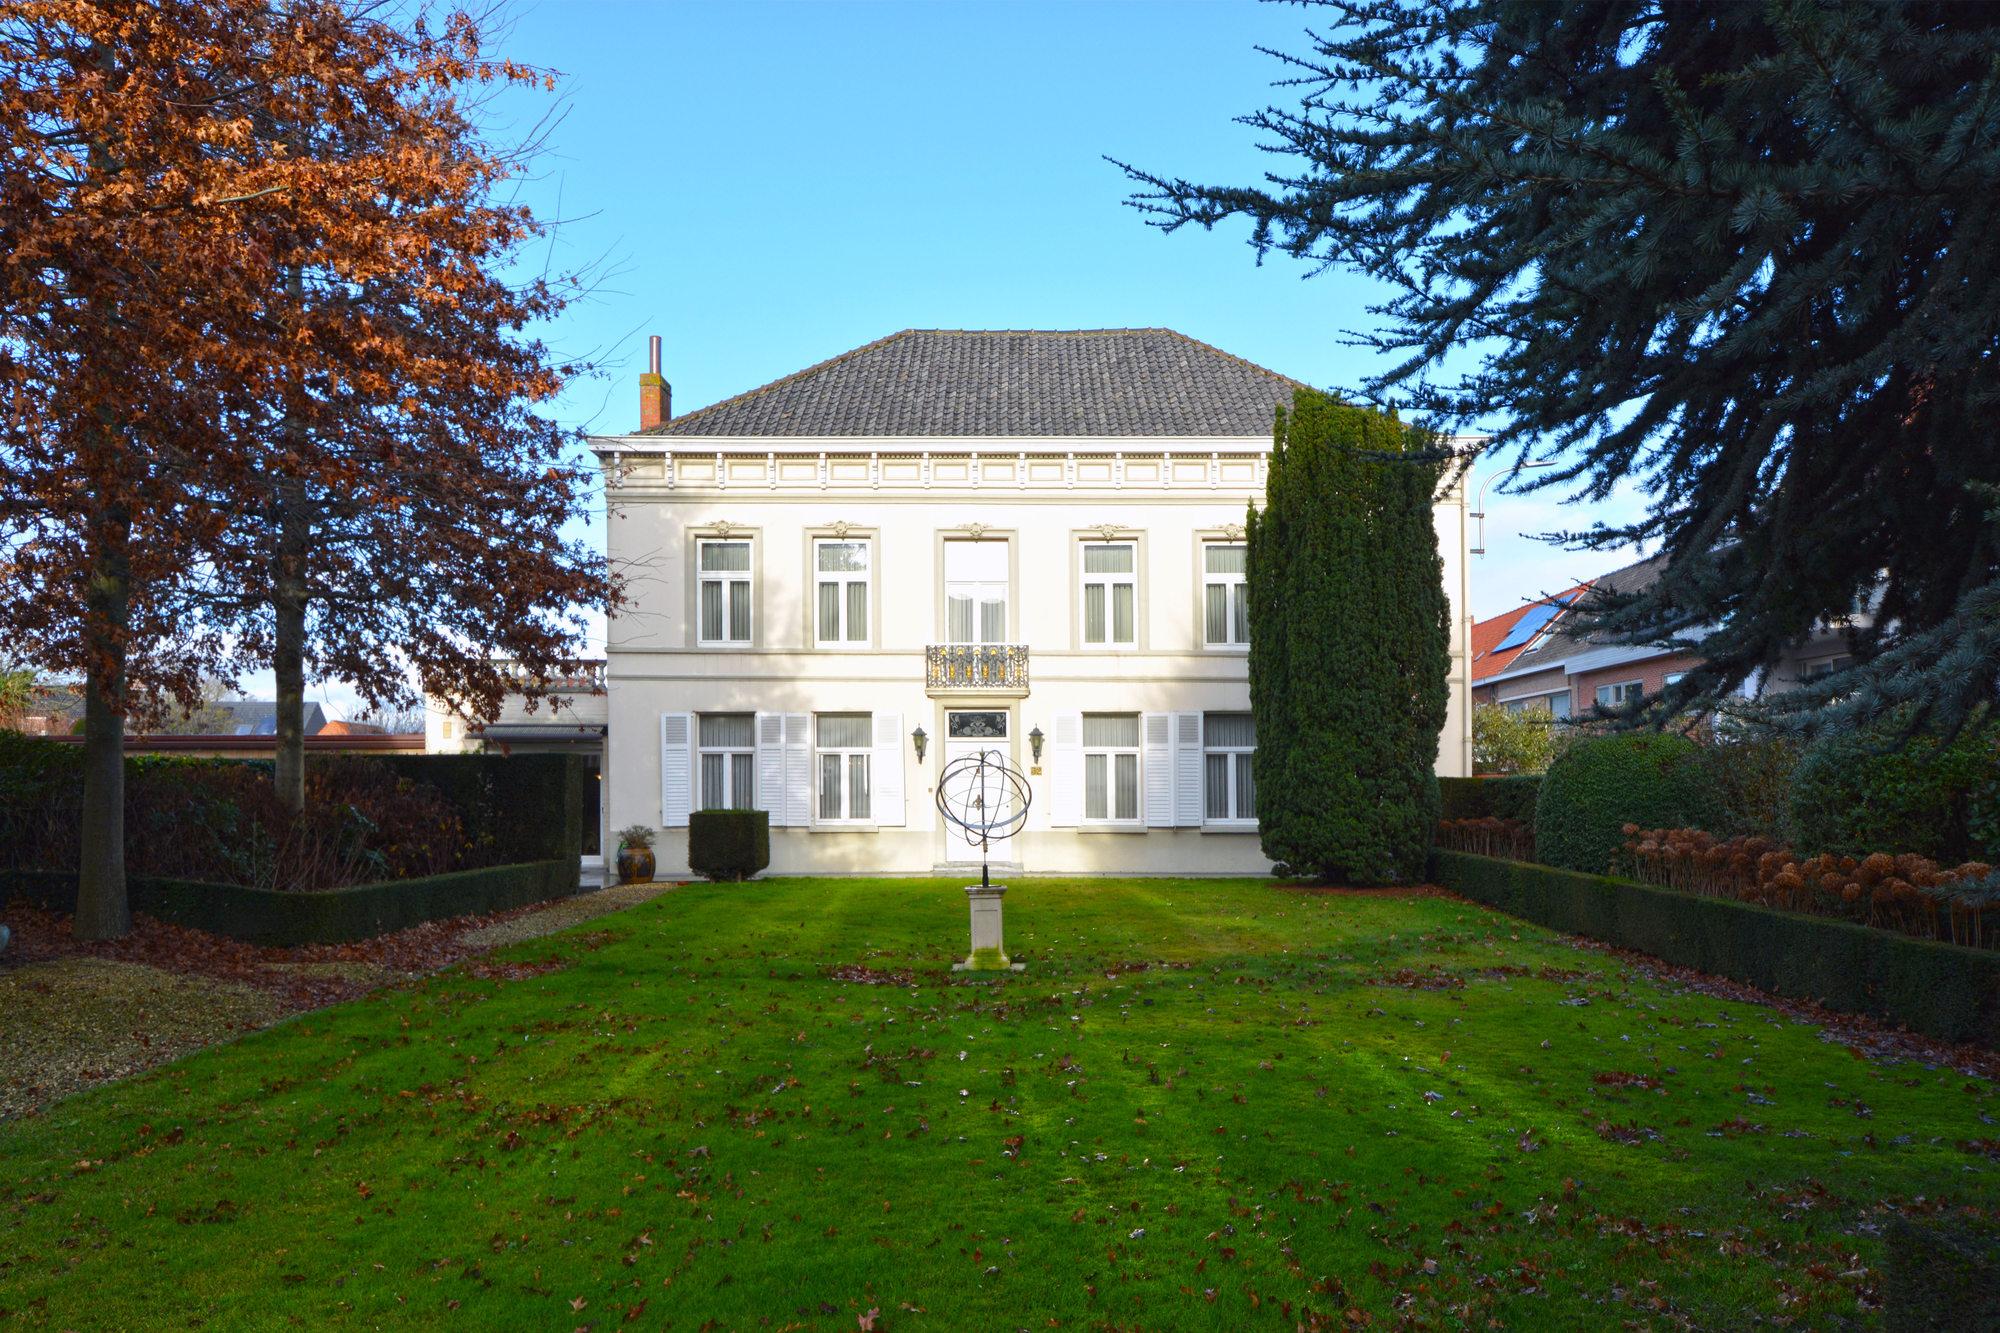 Een neoclassicistische herenwoning daterend uit eind 18e eeuw met een rijke geschiedenis.